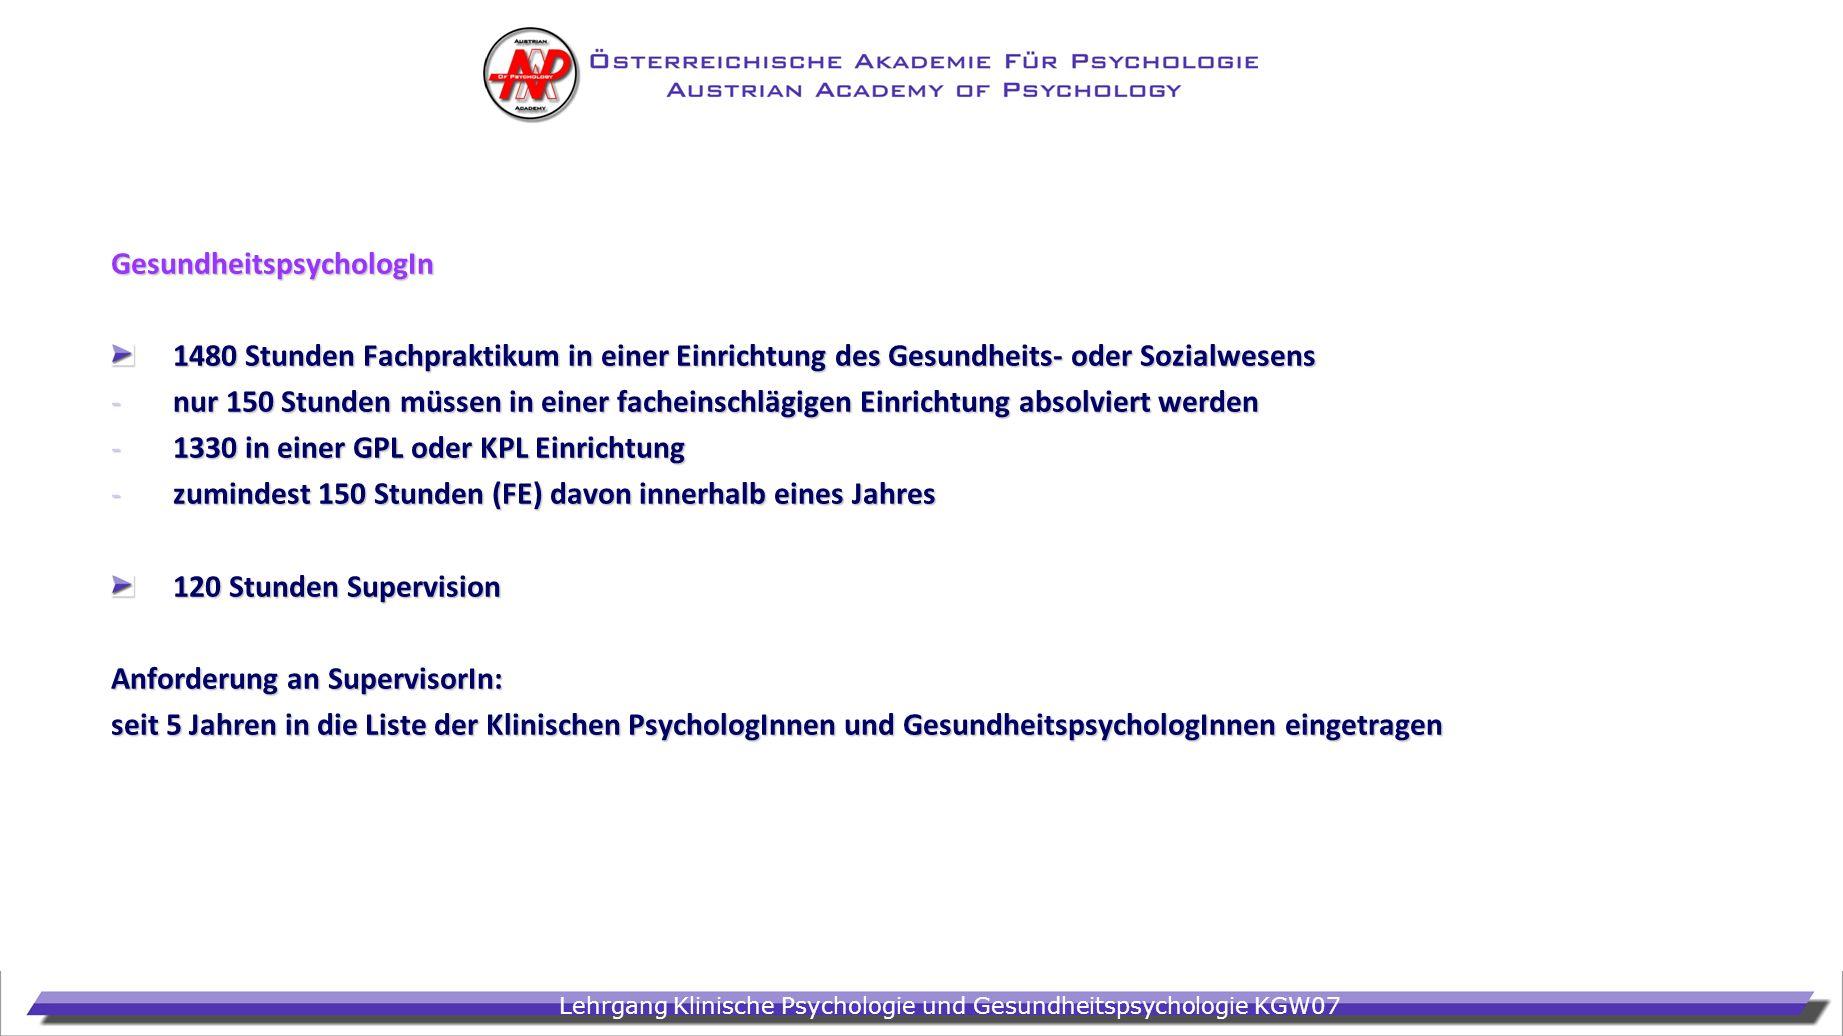 GesundheitspsychologIn